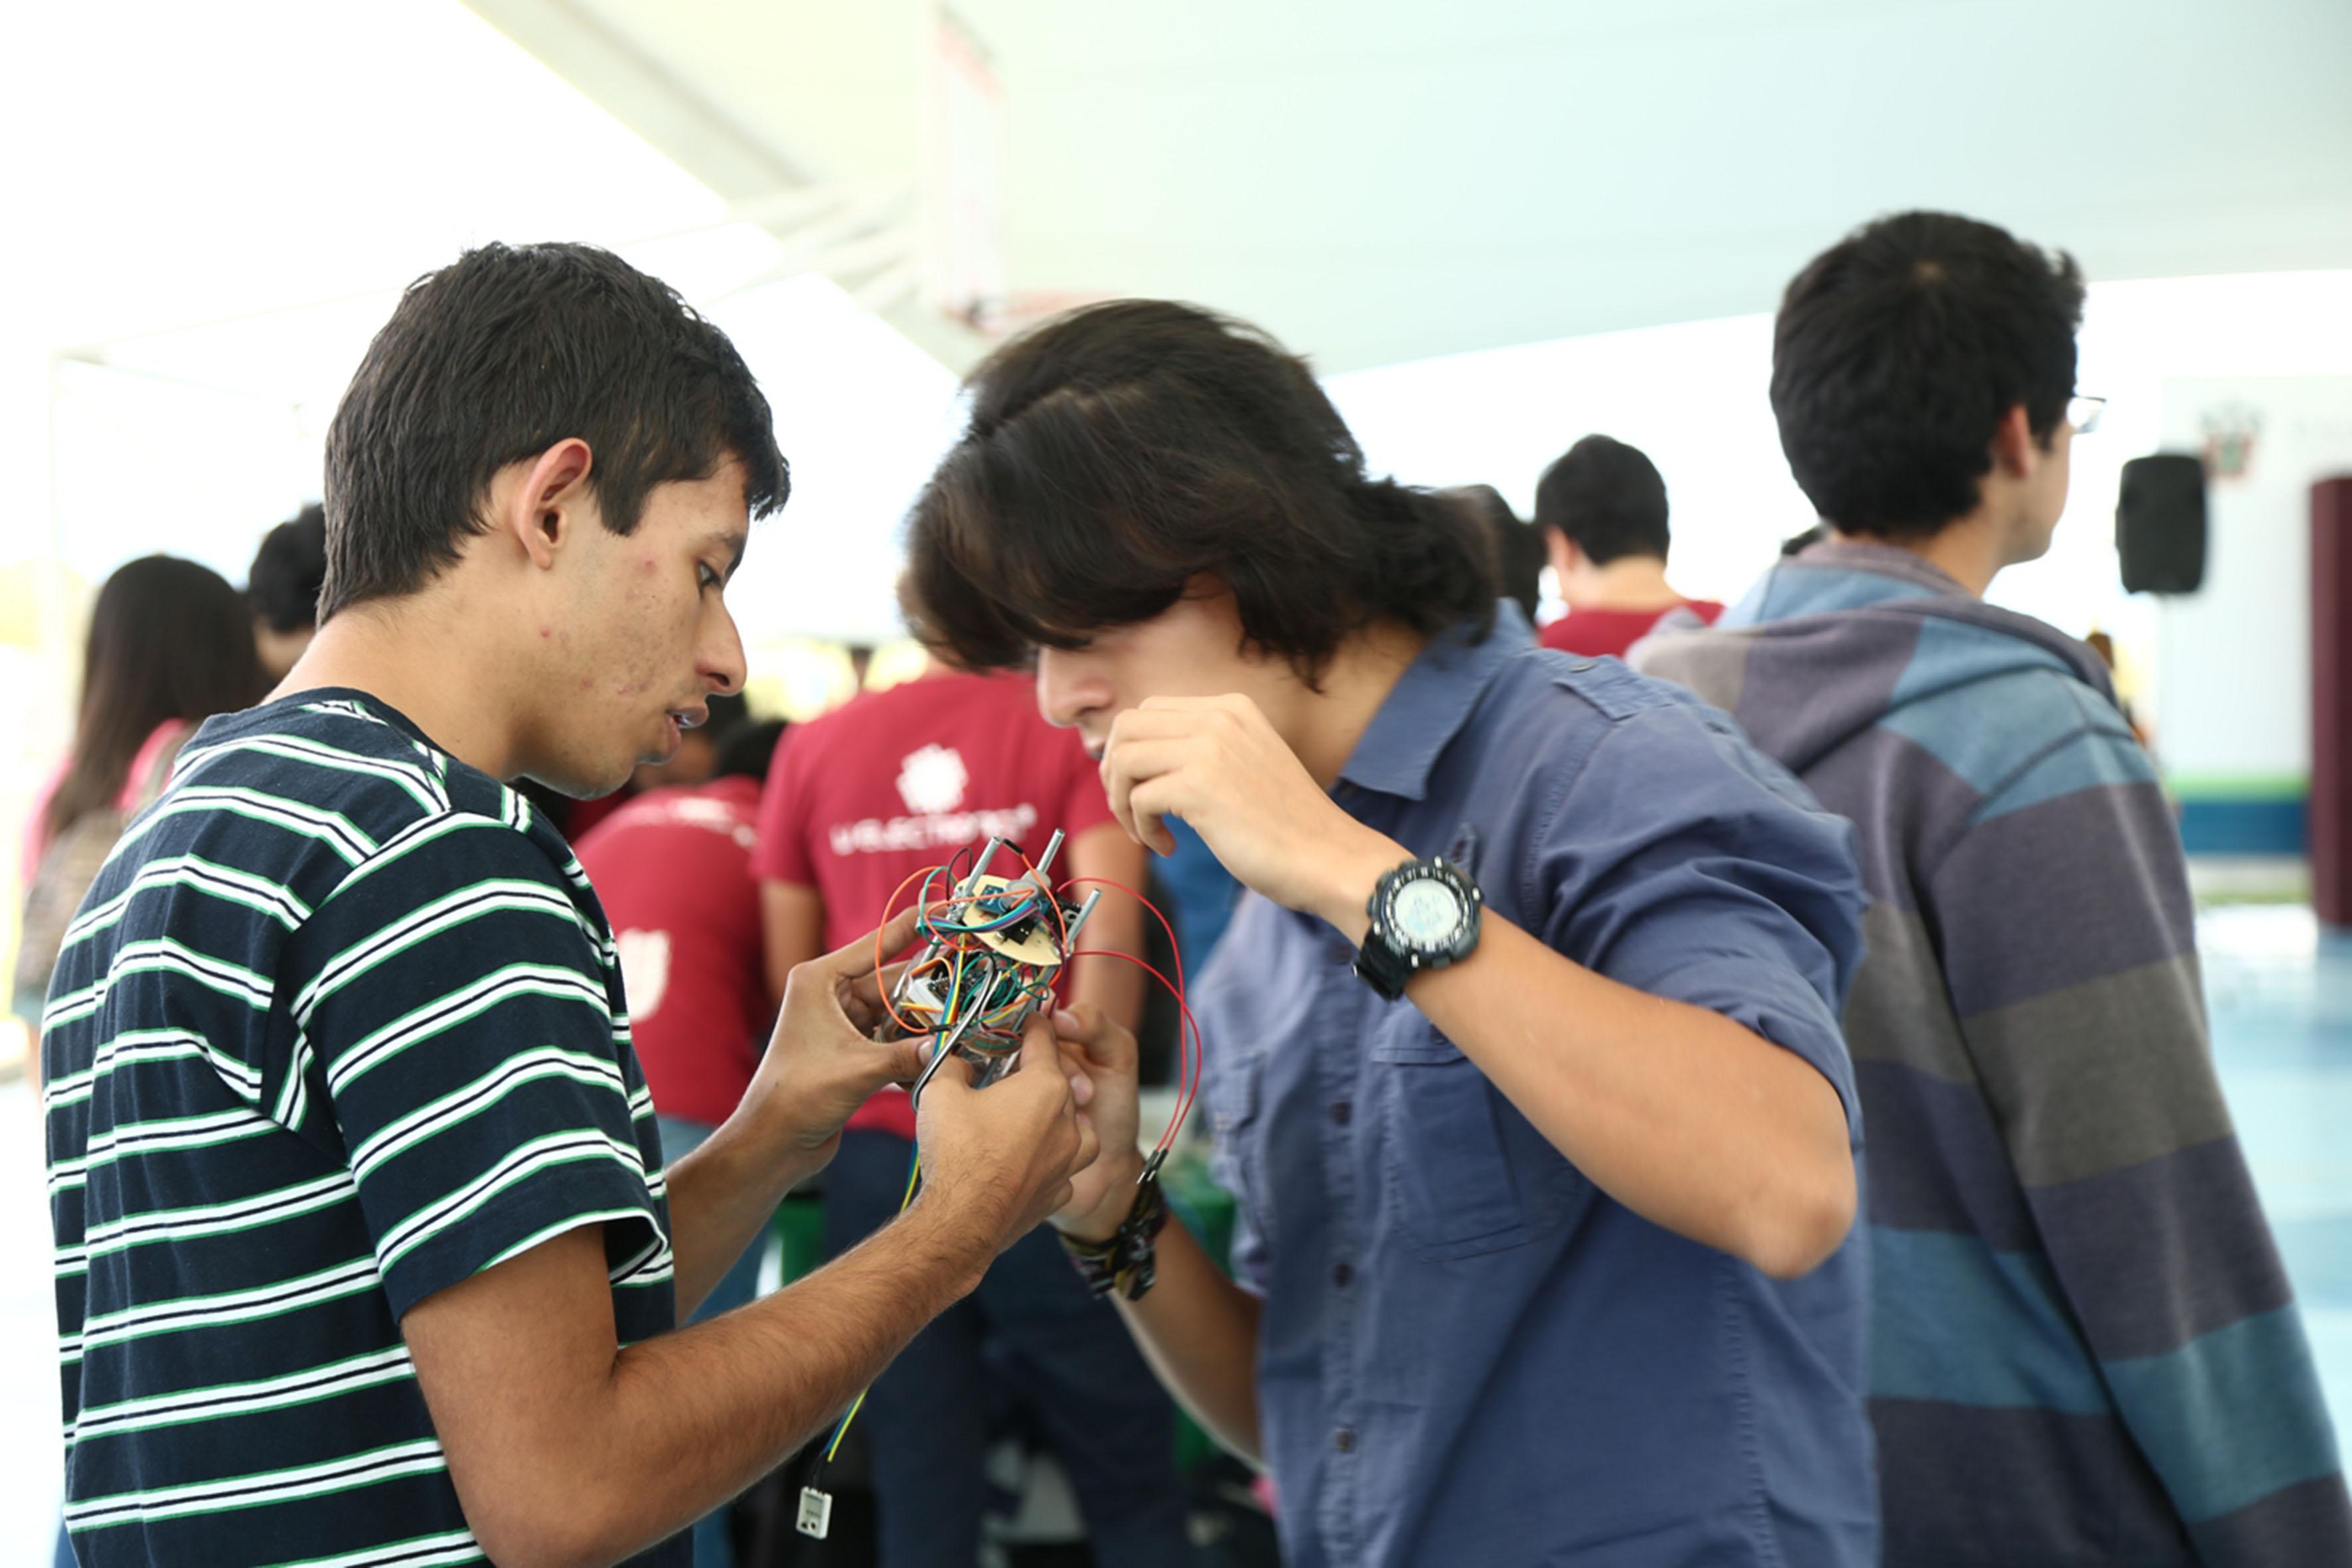 Estudiantes de ingeniería, acomodando los cables y circuitos de su satélite en miniatura.